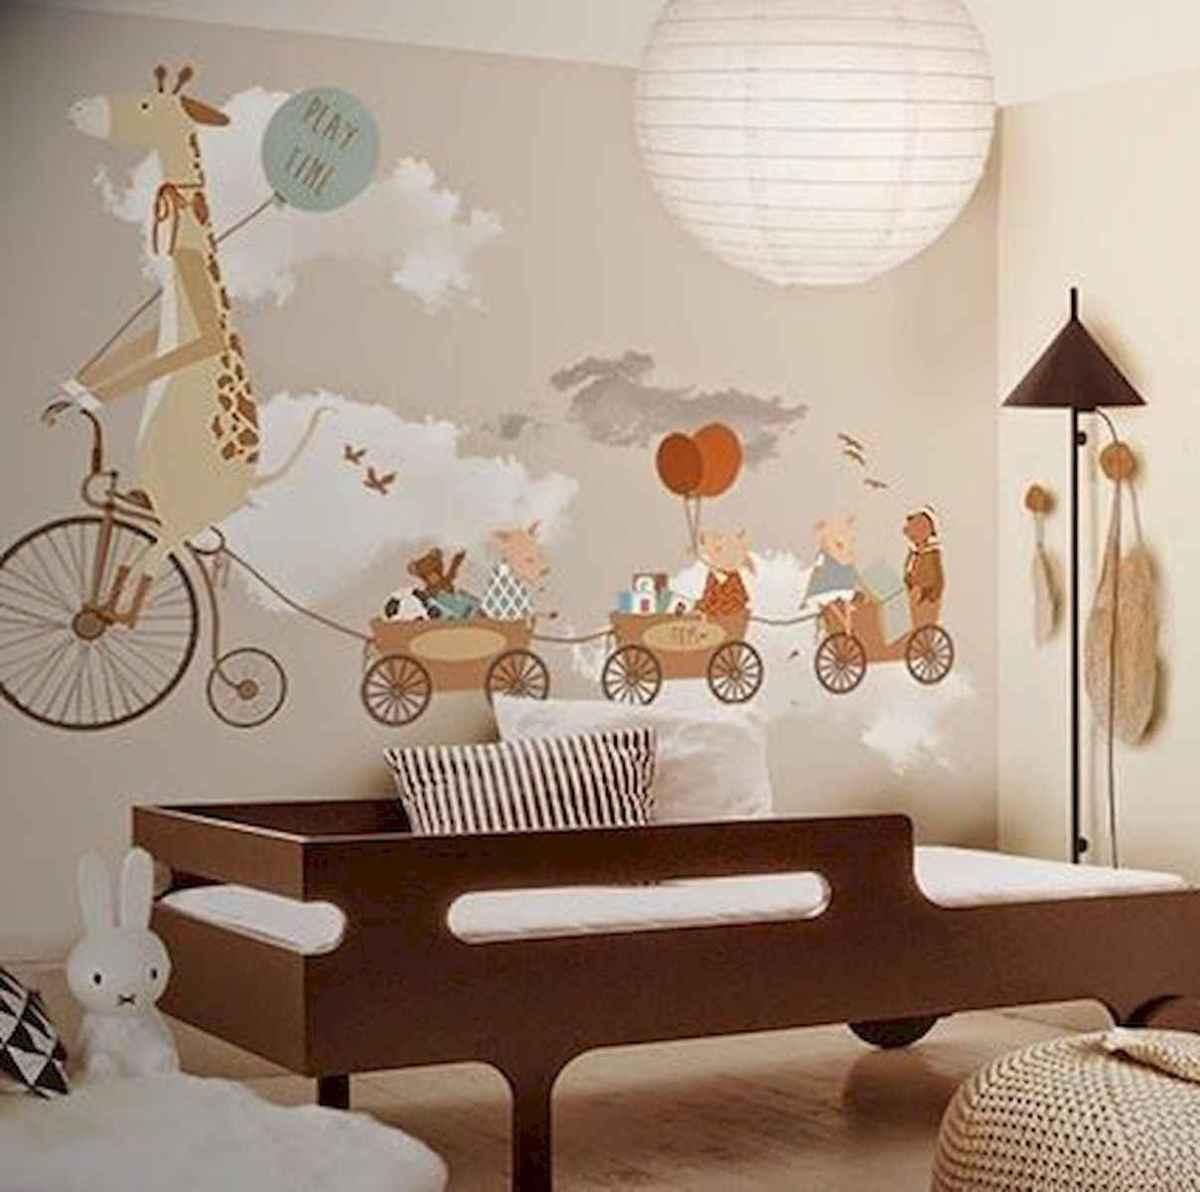 40 Adorable Nursery Room Ideas For Boy (4)